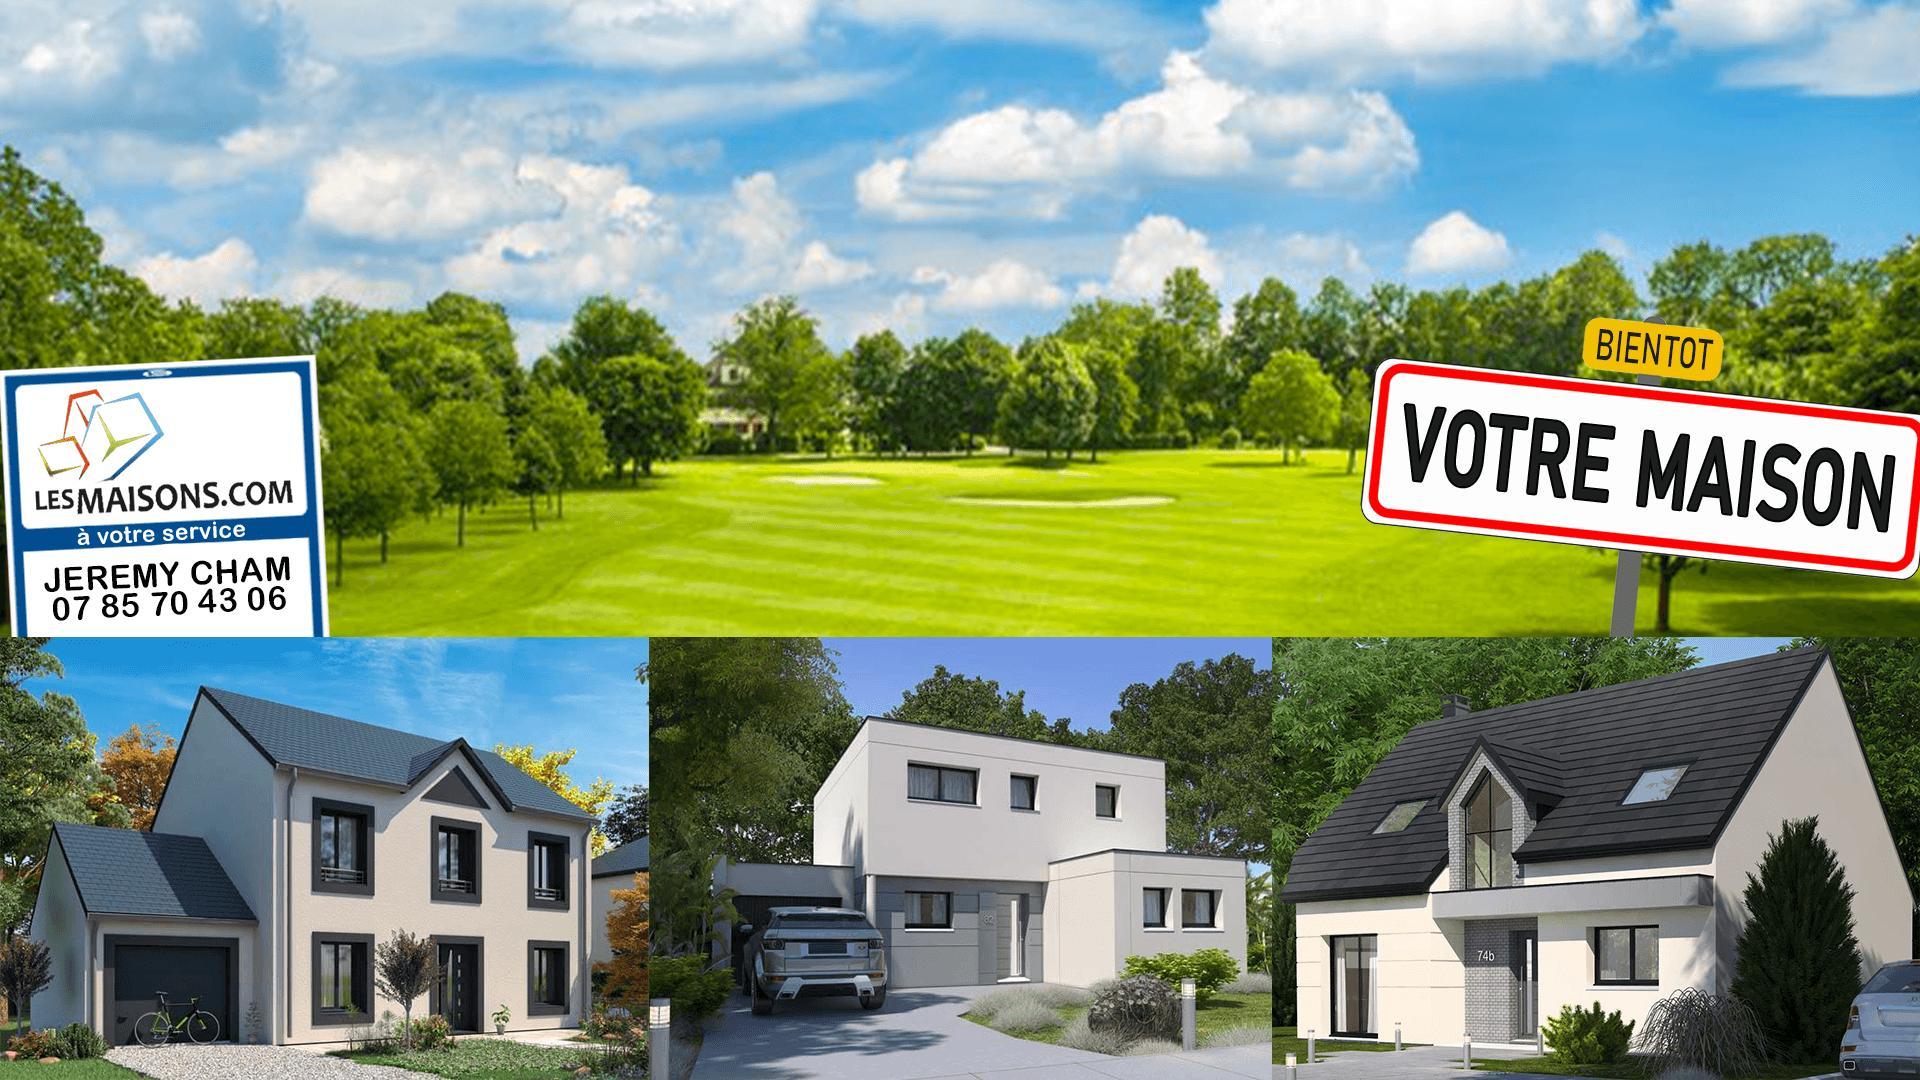 Maisons + Terrains du constructeur LES MAISONS.COM LA VILLE DU BOIS • 117 m² • EVRY